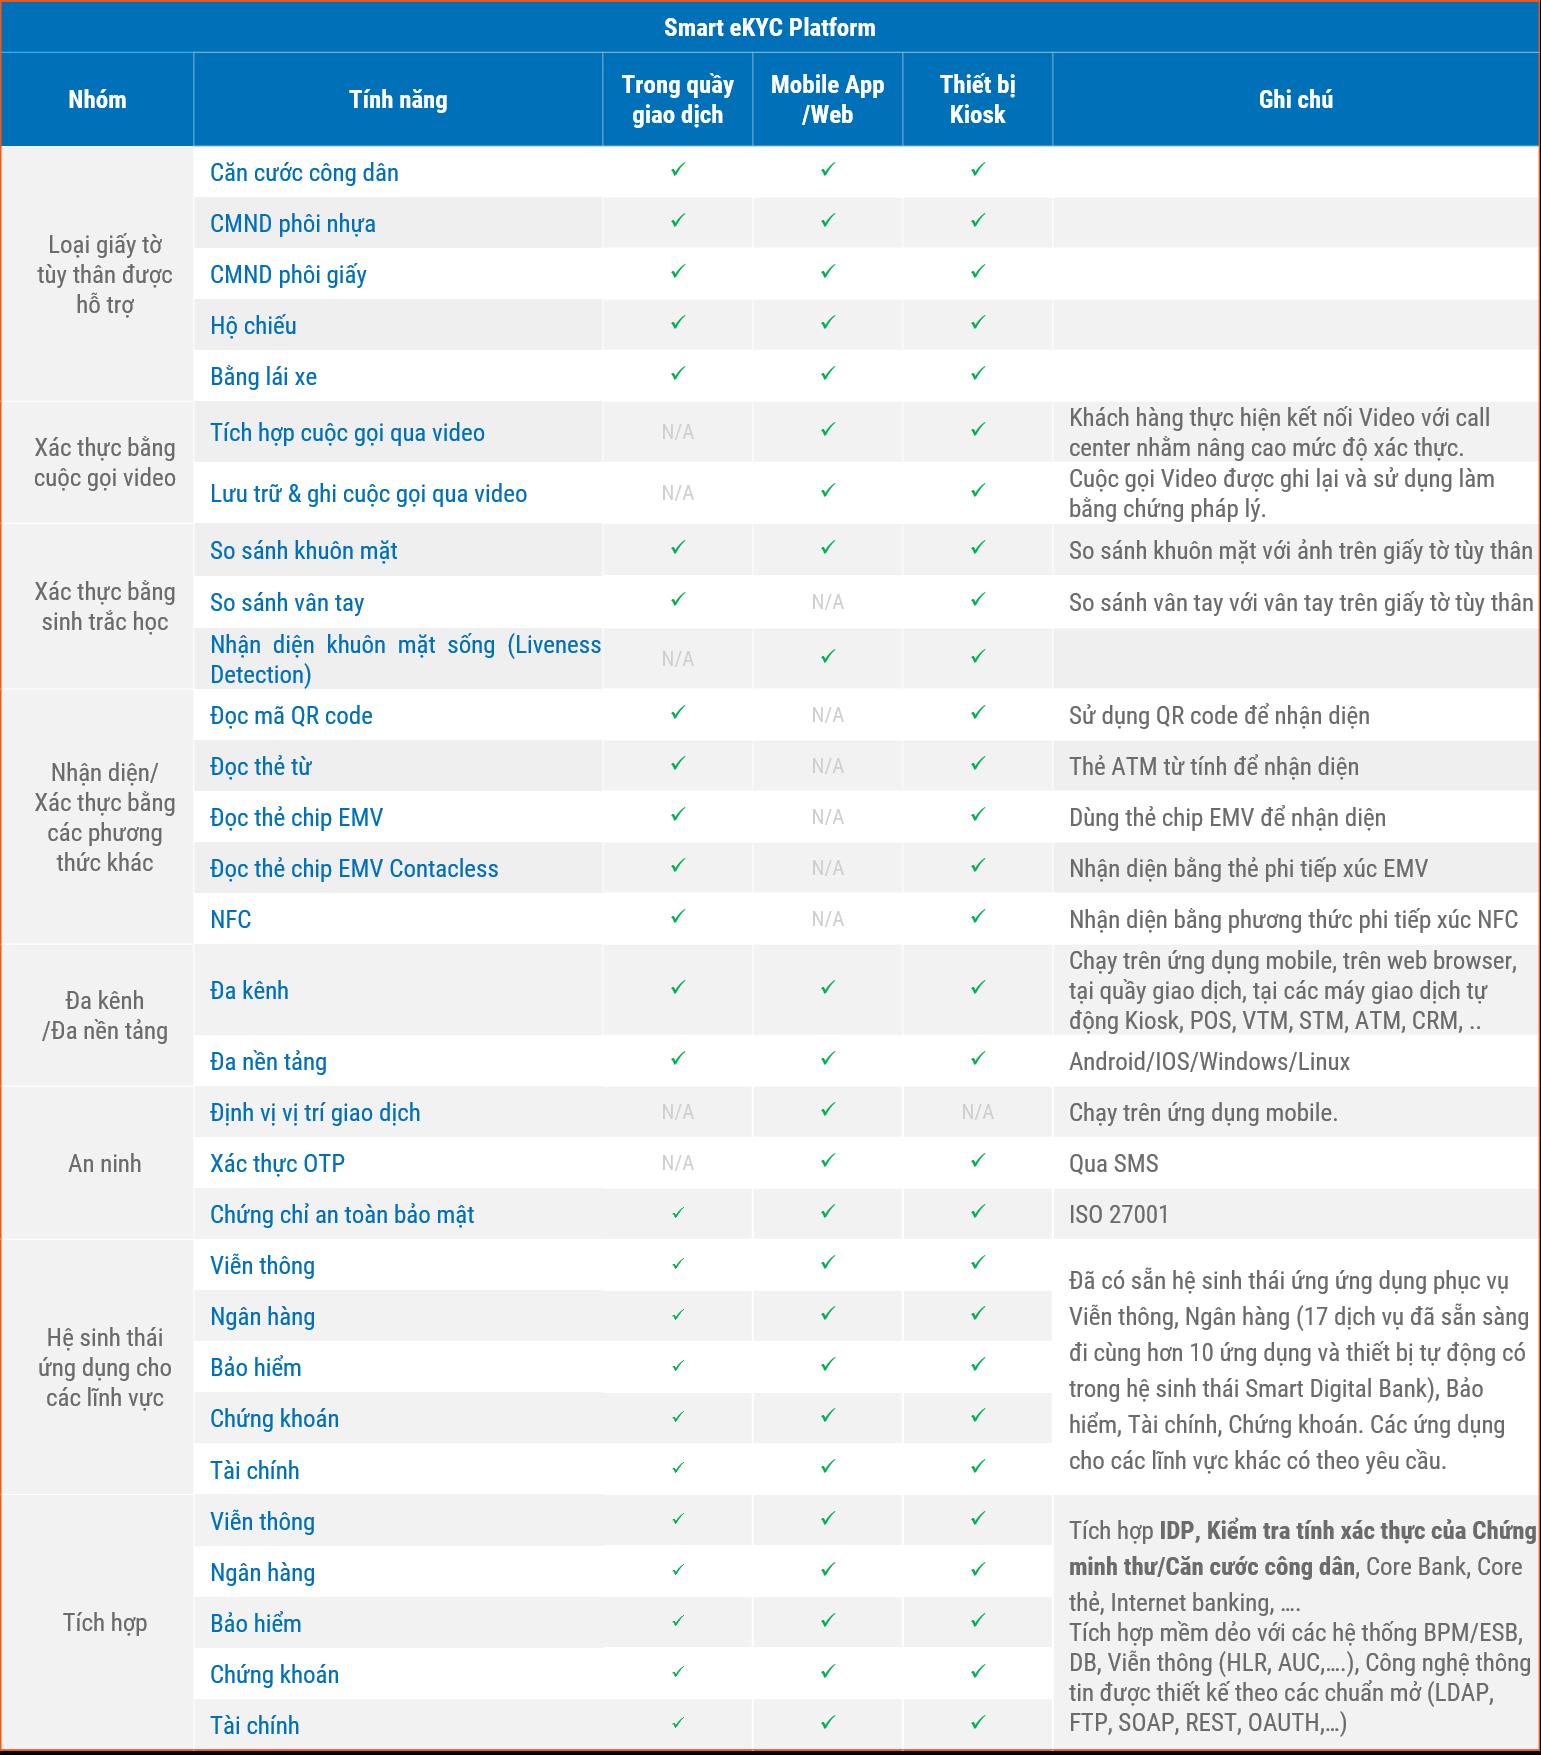 Các tính năng nền tảng của Smart eKYC Platform